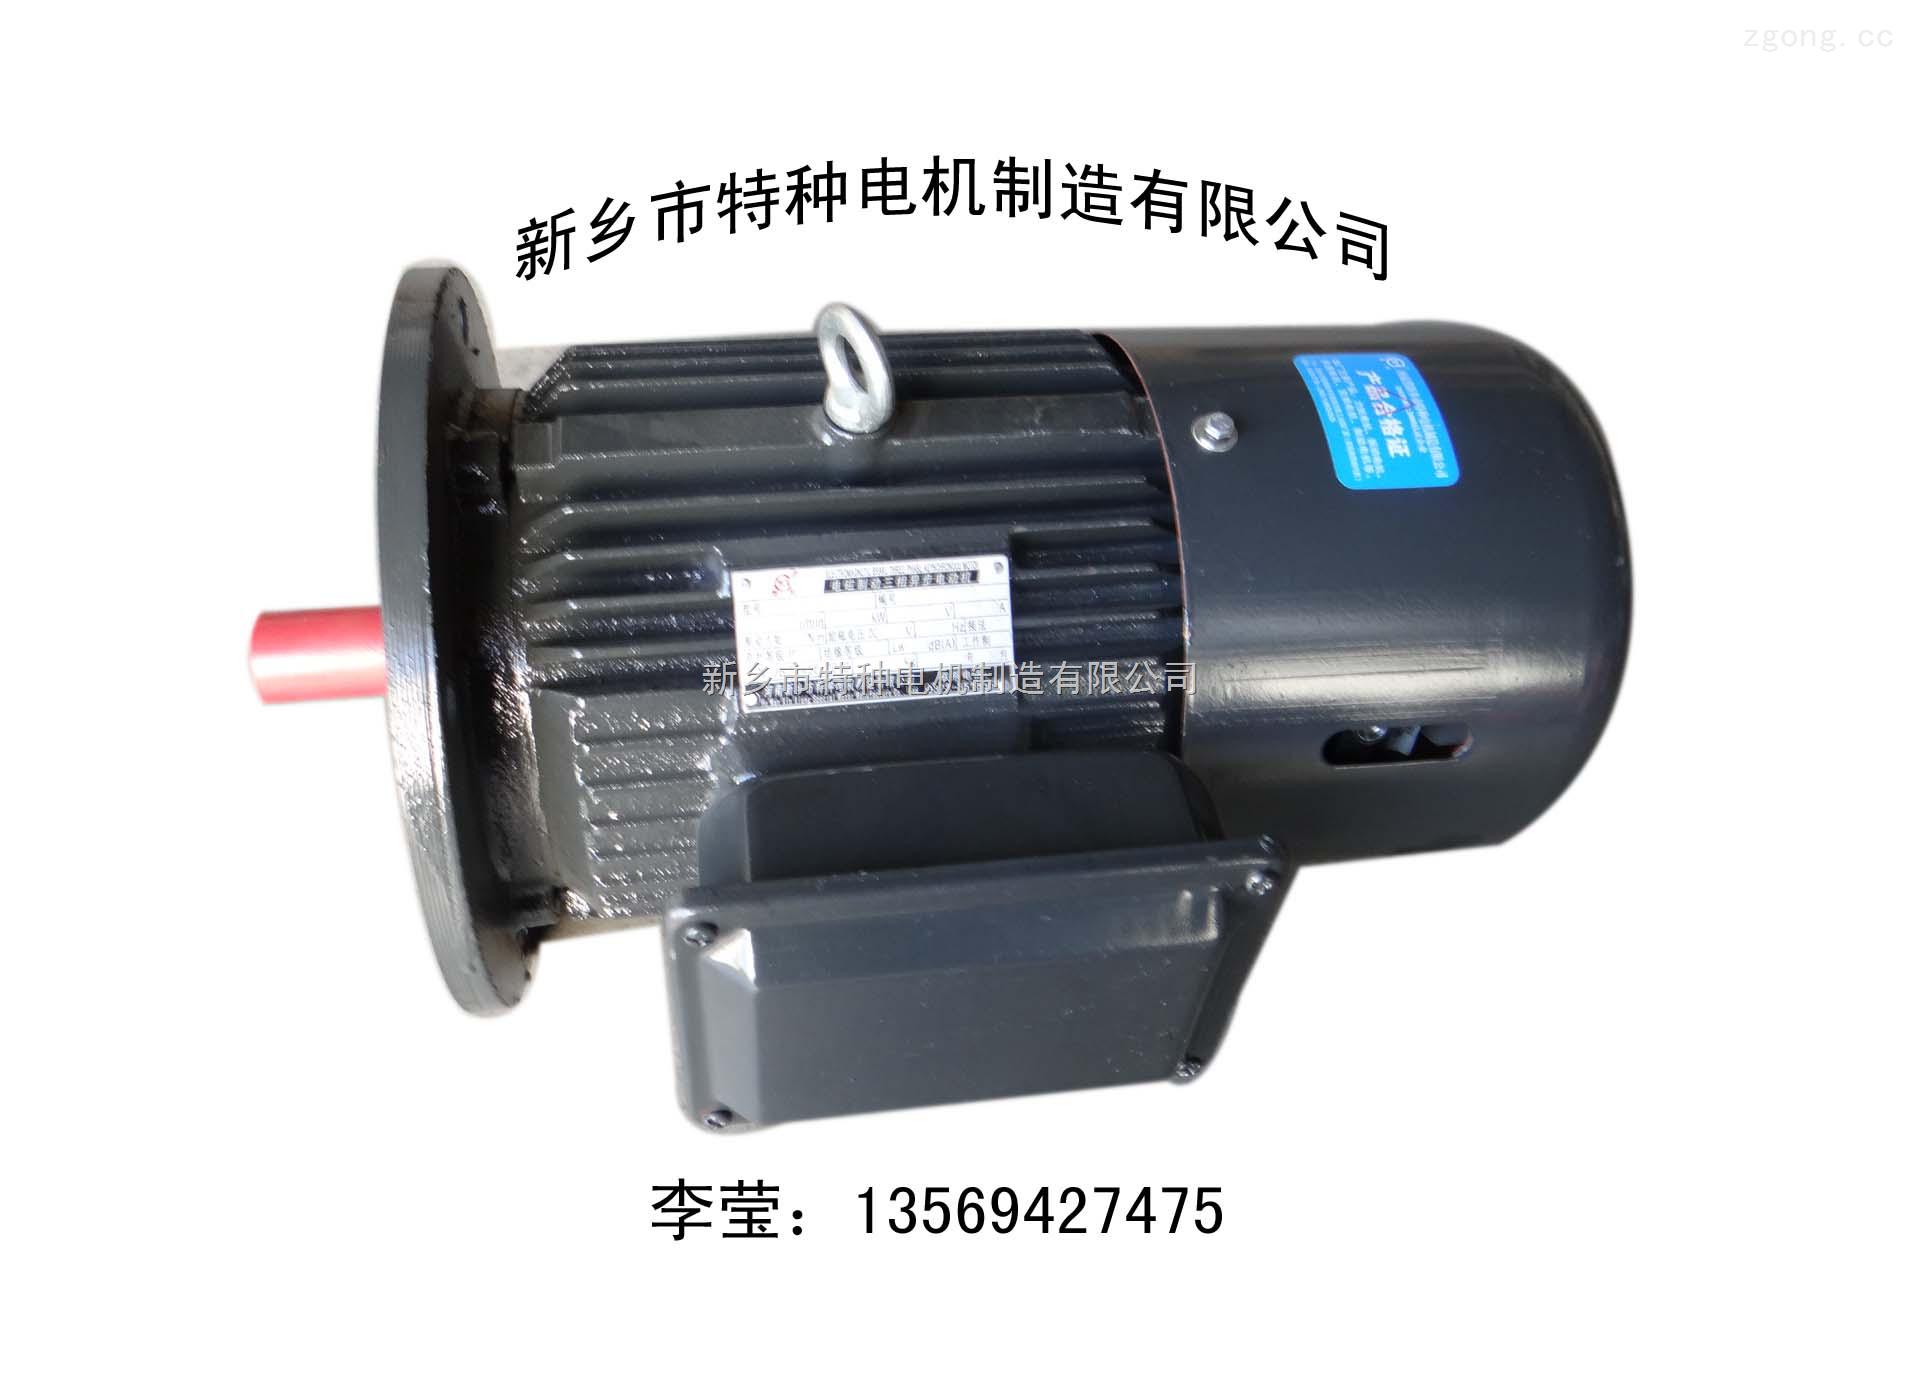 一、YEJ系列电磁三相异步制动电机内容: YEJ系列电磁三相异步制动电机(简称:YEJ系列电磁制动电动机),是在Y系列电 动机的后盖与风扇之间附加一个直流盘式电磁制动器组成,具有制动可靠、制动力矩可调、转子无轴向窜动,使用方便等特点,适用于各类要求快速制动、准确定位、往复运转的机械设备。 YEJ系列电磁制动电动机符合JB/T6456-92《YEJ系列电磁制动三相异步电动机(IP44)技术条件(机座号80-225)》的要求。 二、YEJ系列电磁三相异步制动电机使用条件与性能: 此制动电机额定电压为380V,